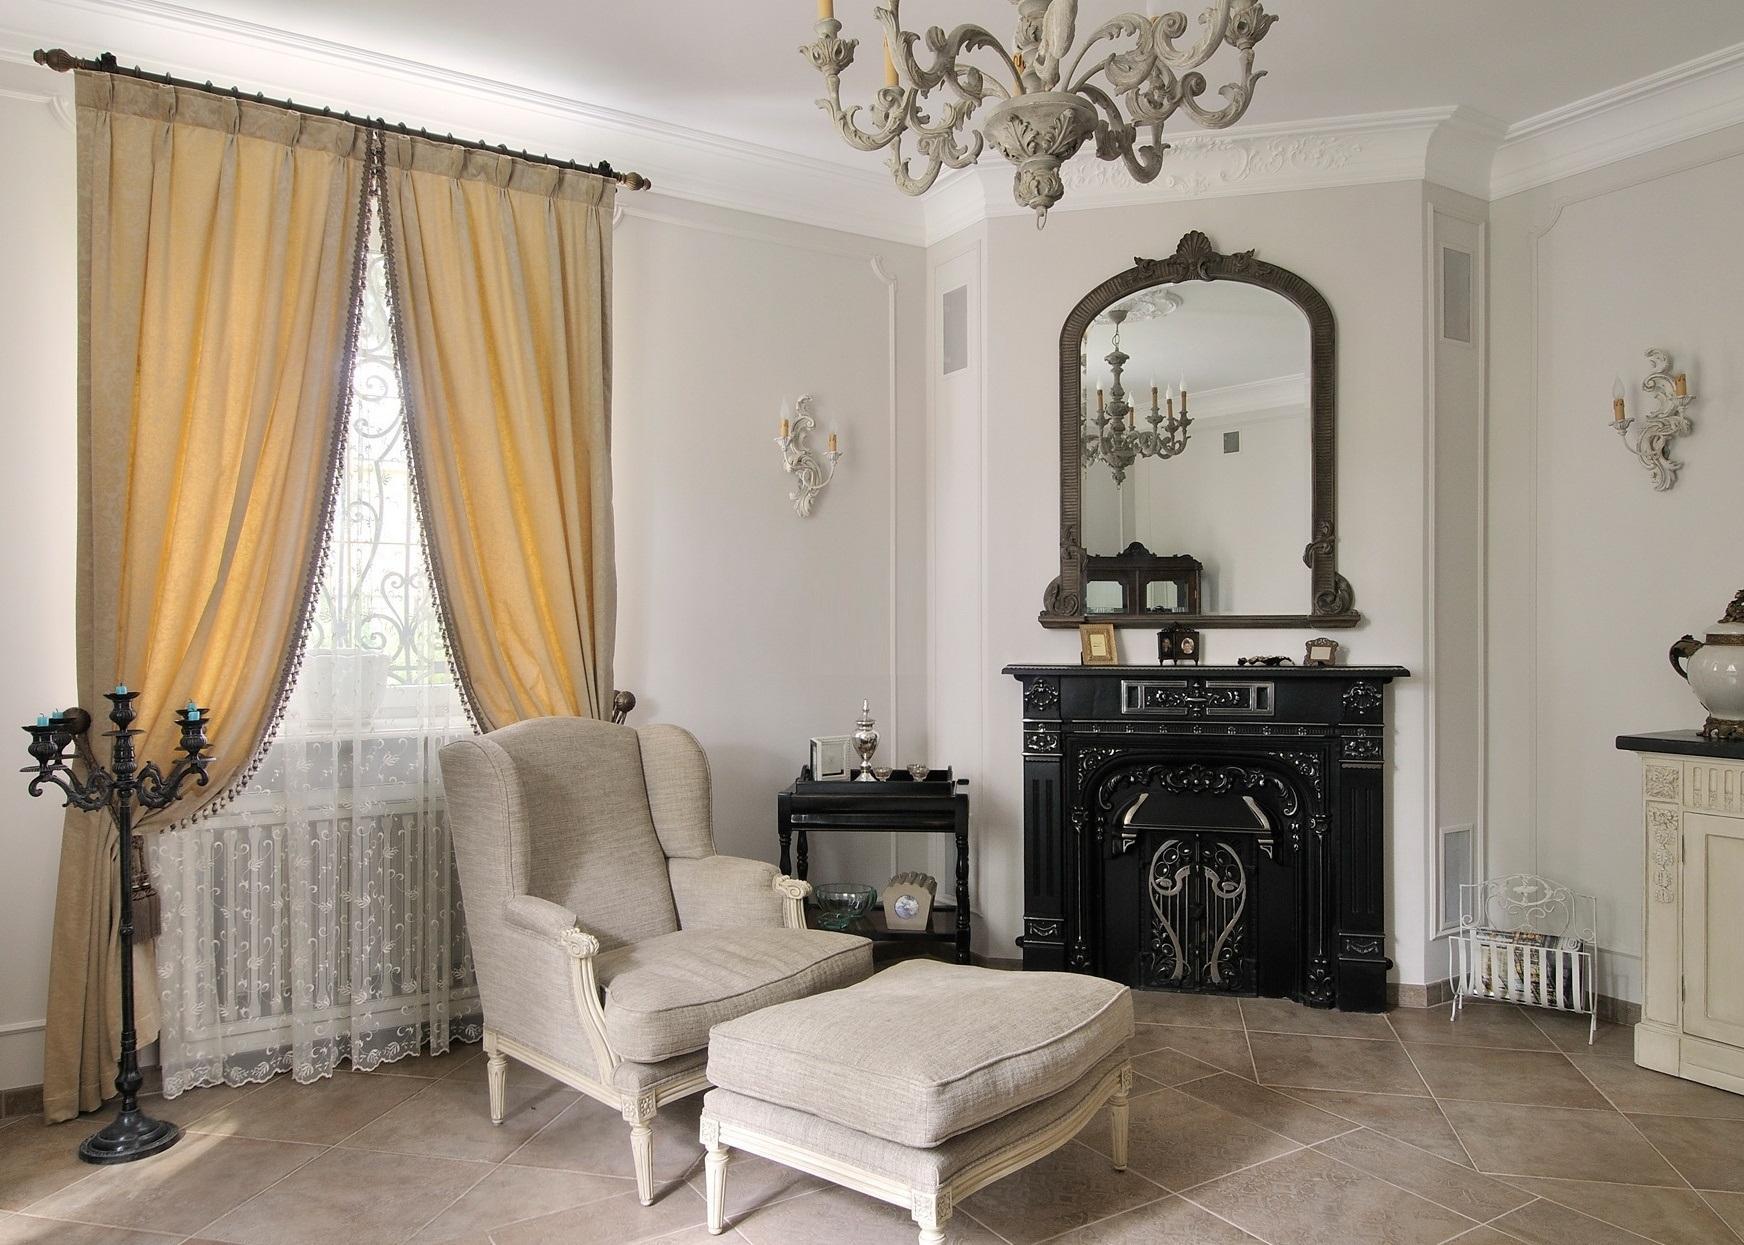 Белый тюль и кремовые шторы для оформления окна